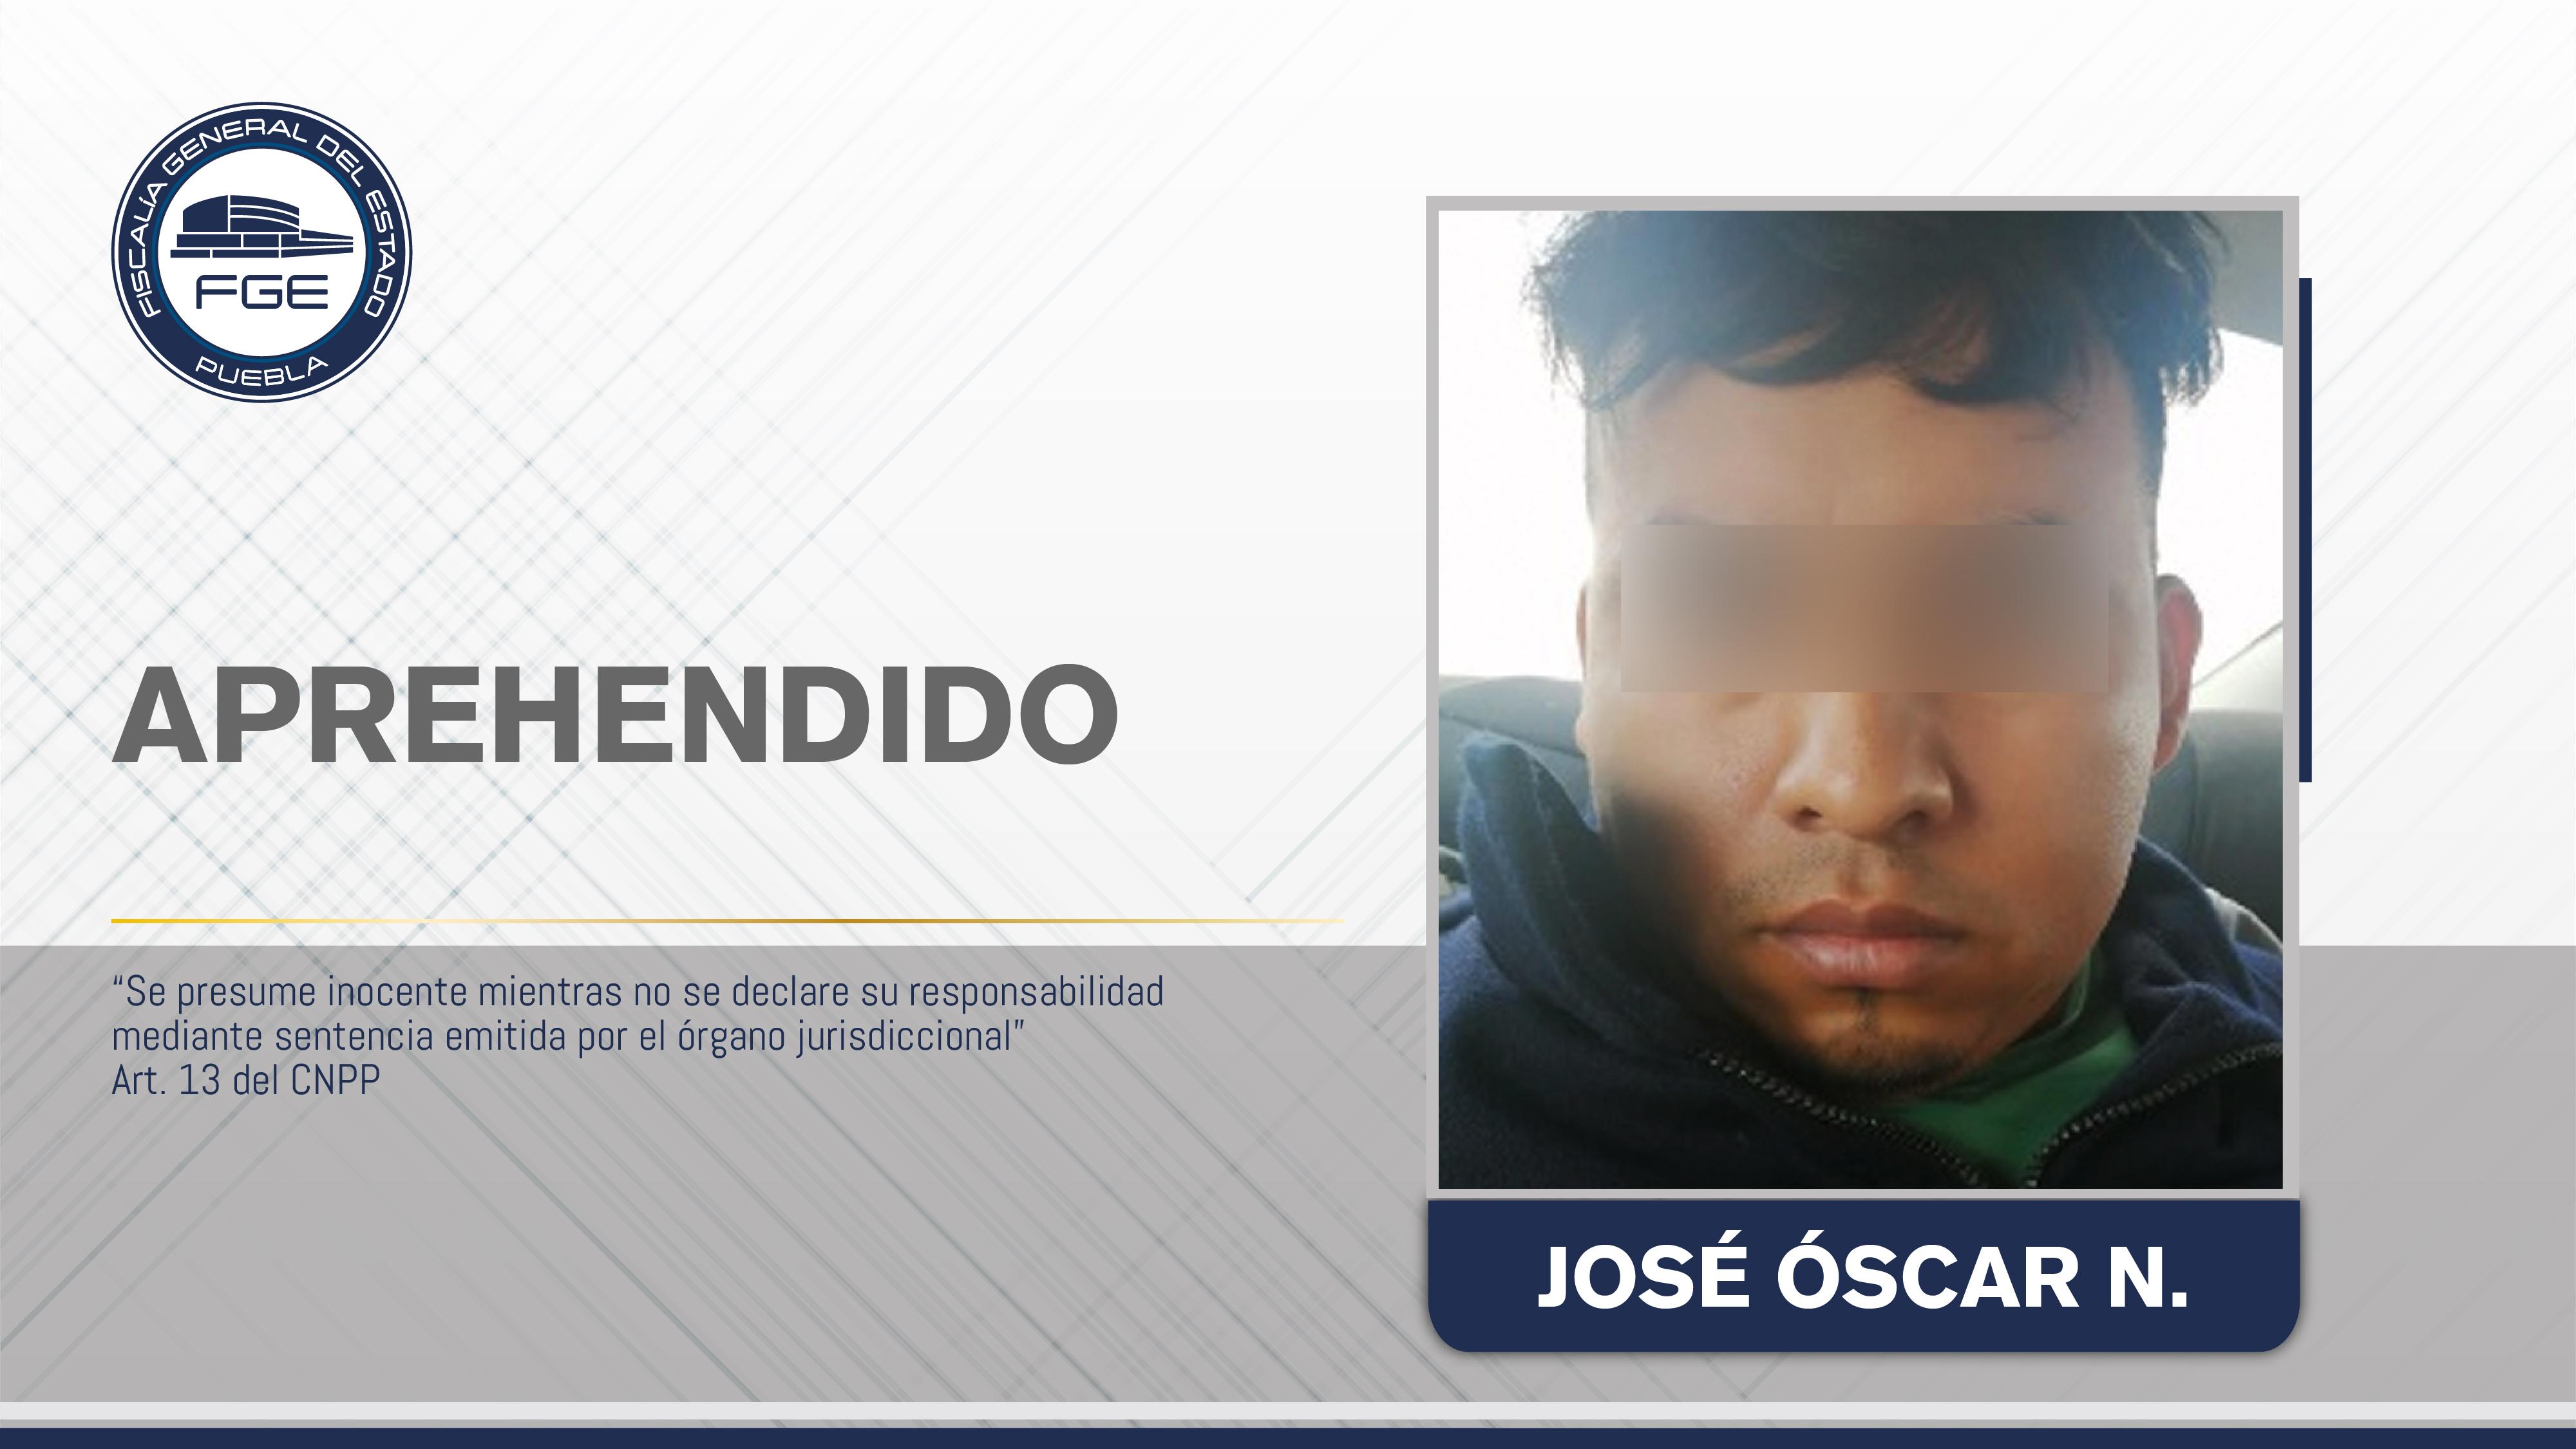 """""""El Semental """"amenazó a mujer con difundir imágenes personales; ya fue aprehendido"""